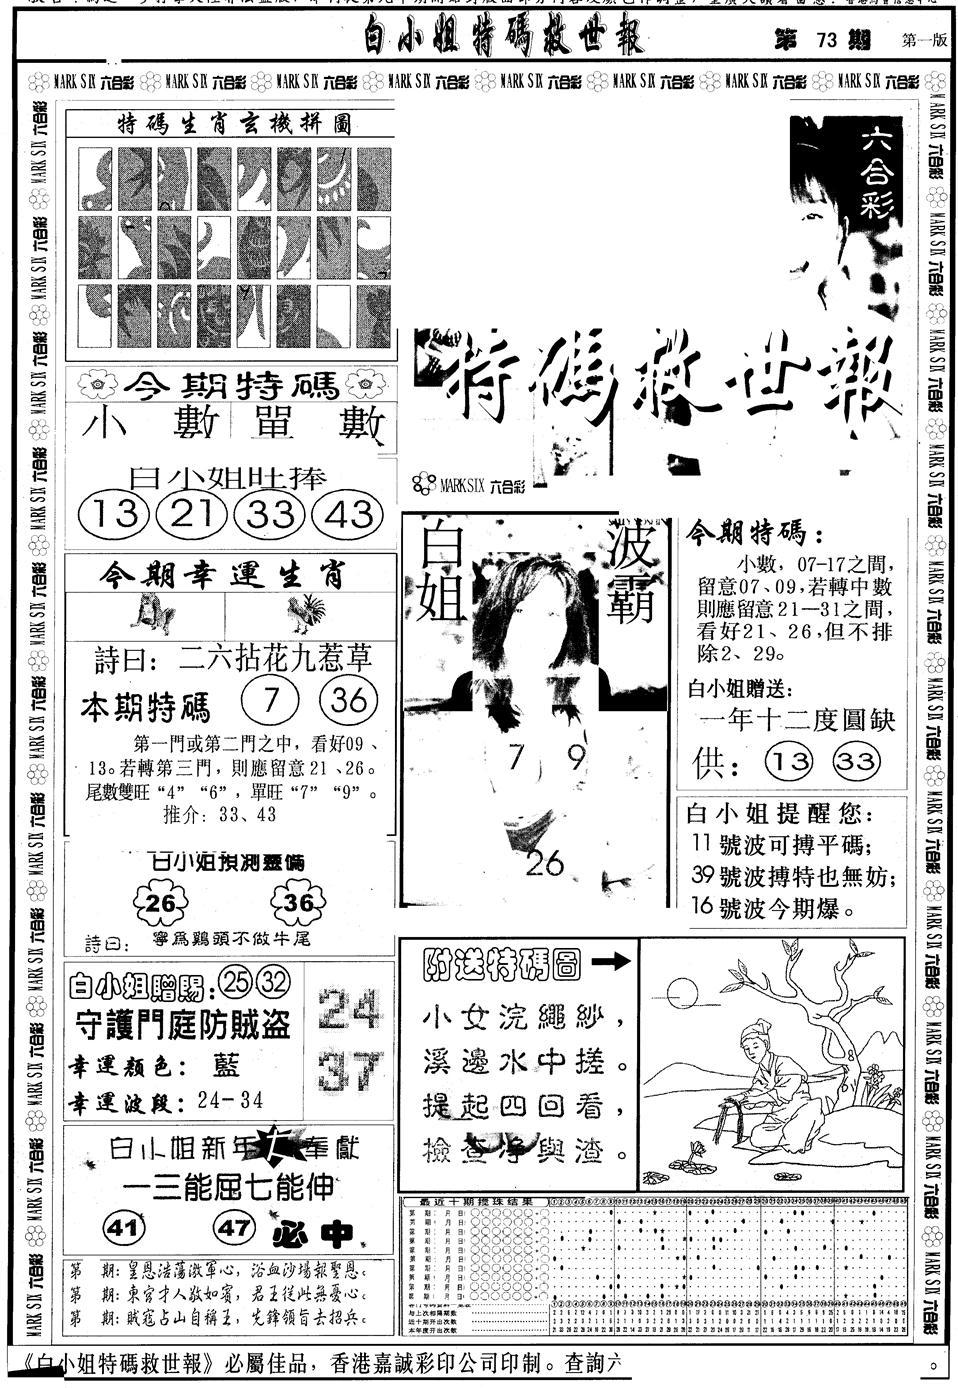 073期另版白急旋风A(黑白)